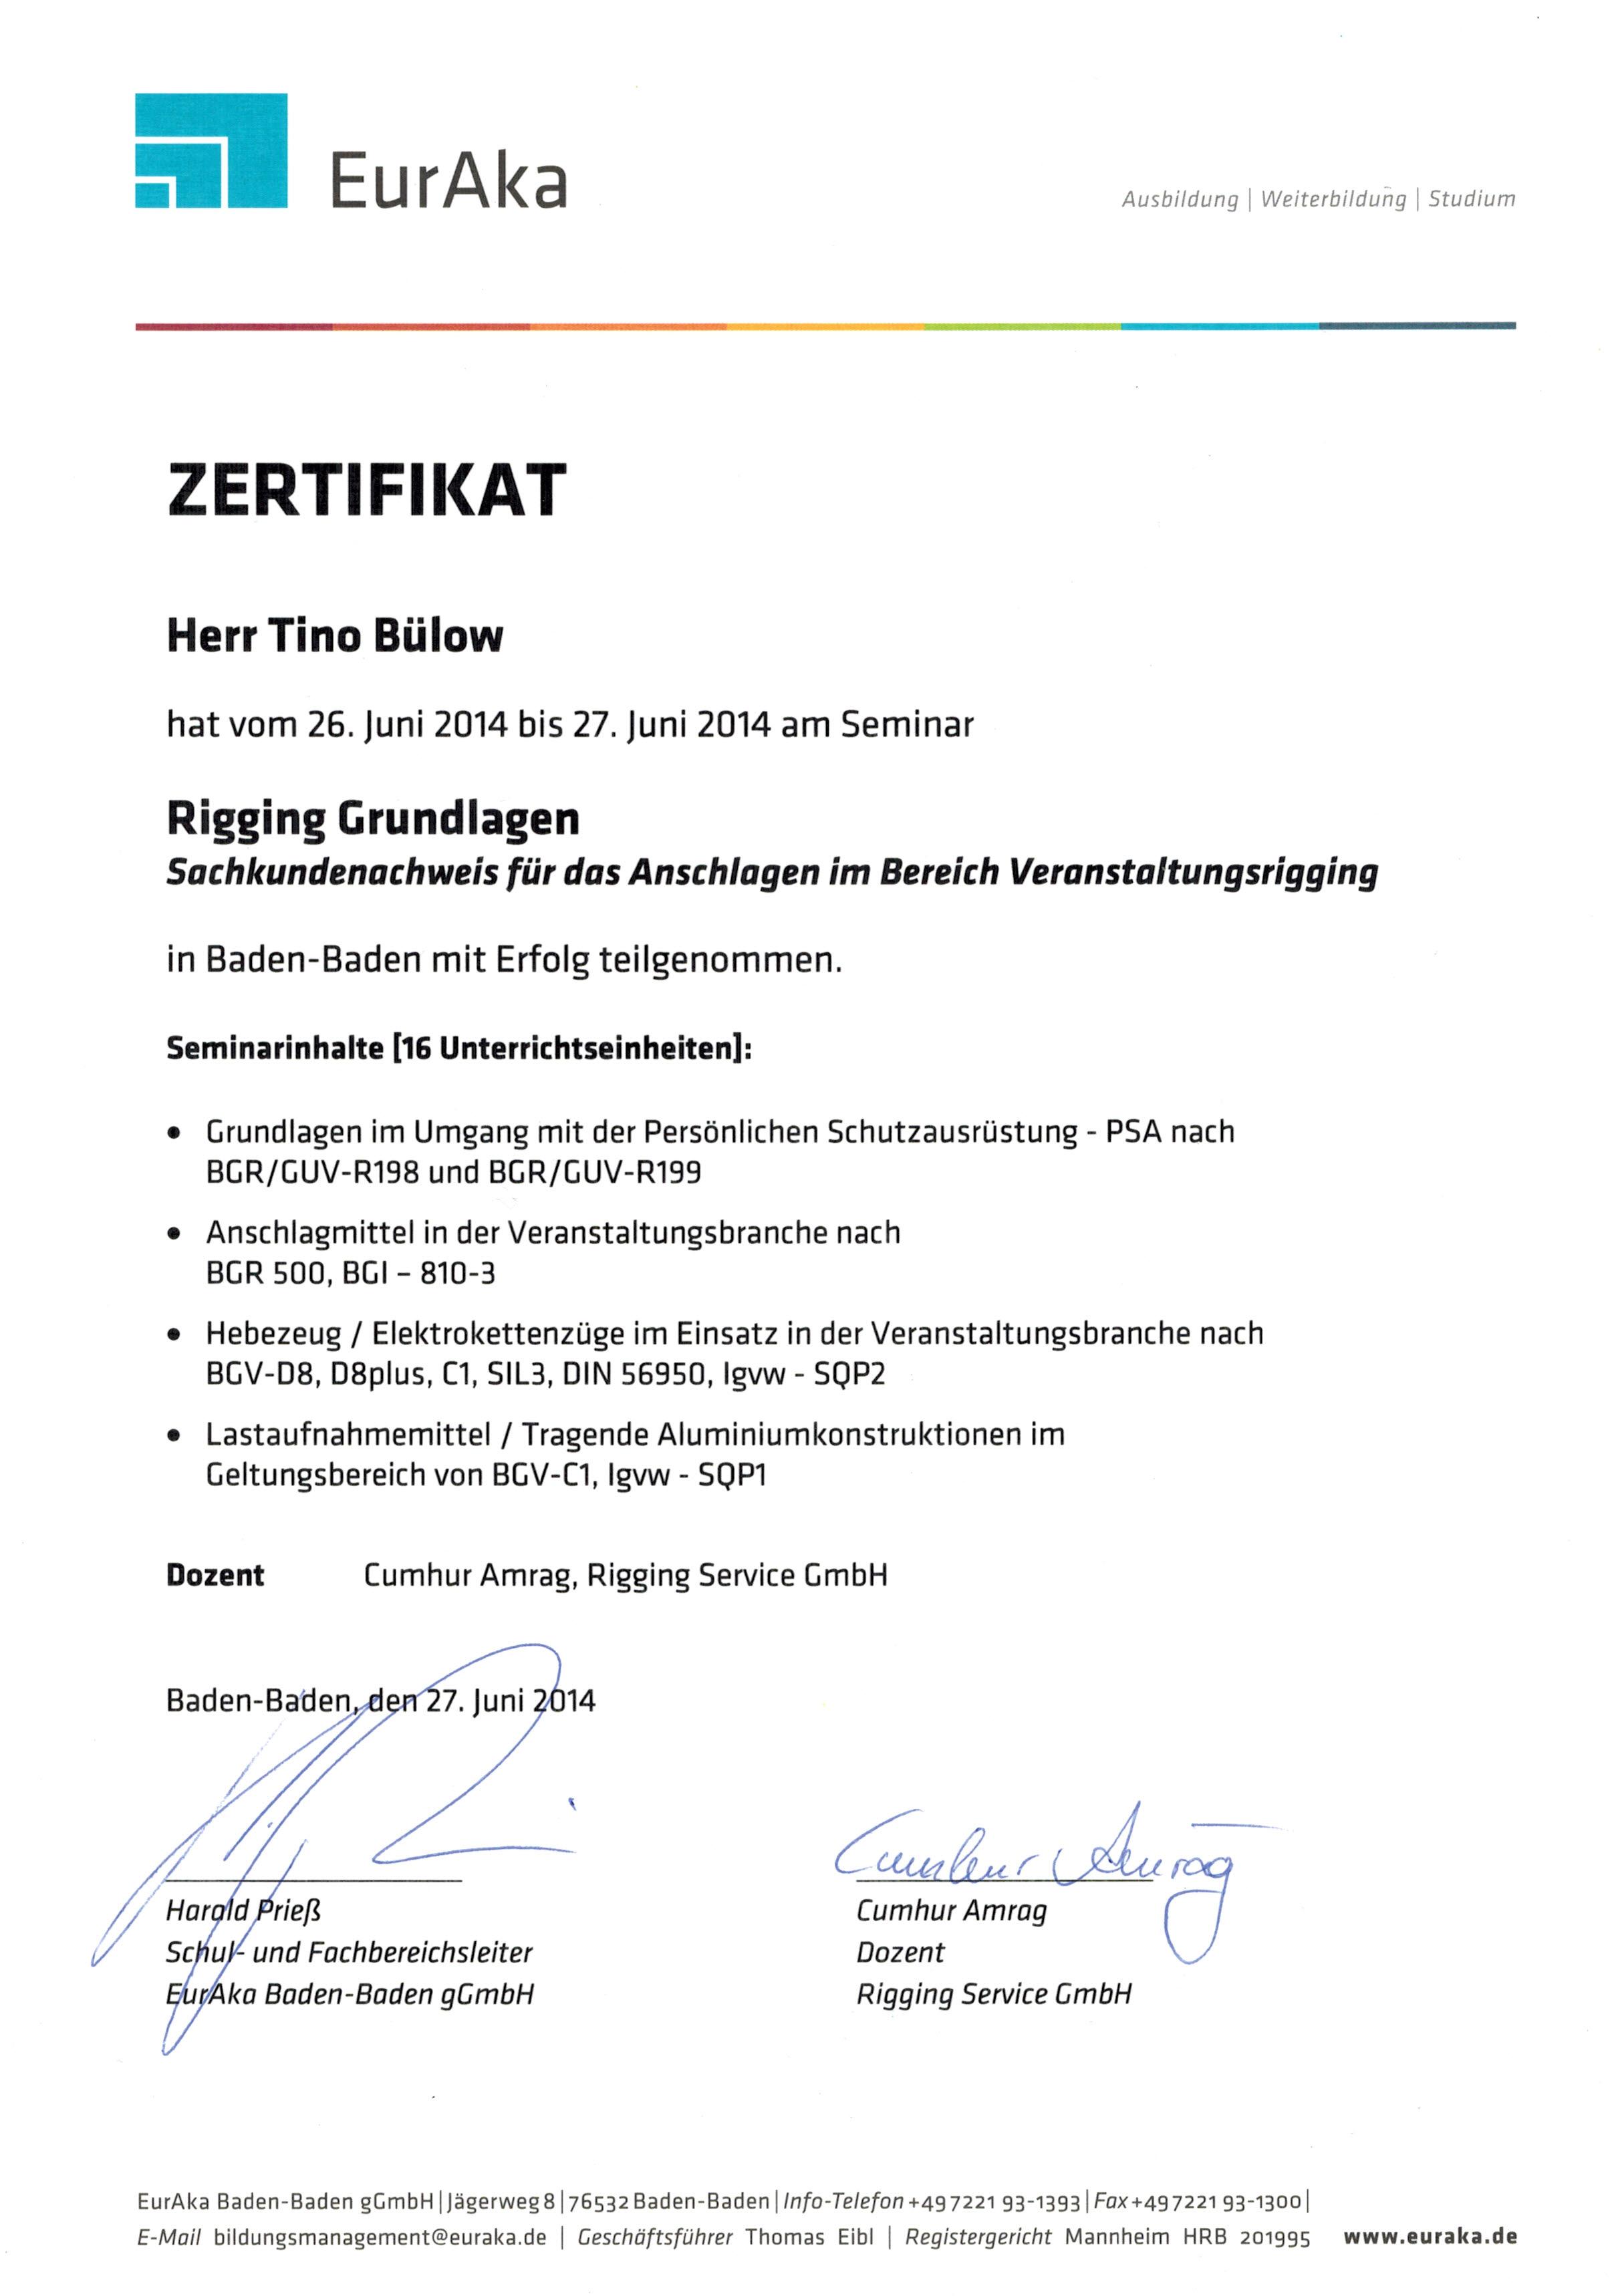 Ausgezeichnet Vorlage Zertifikat Der Beschäftigung Zeitgenössisch ...